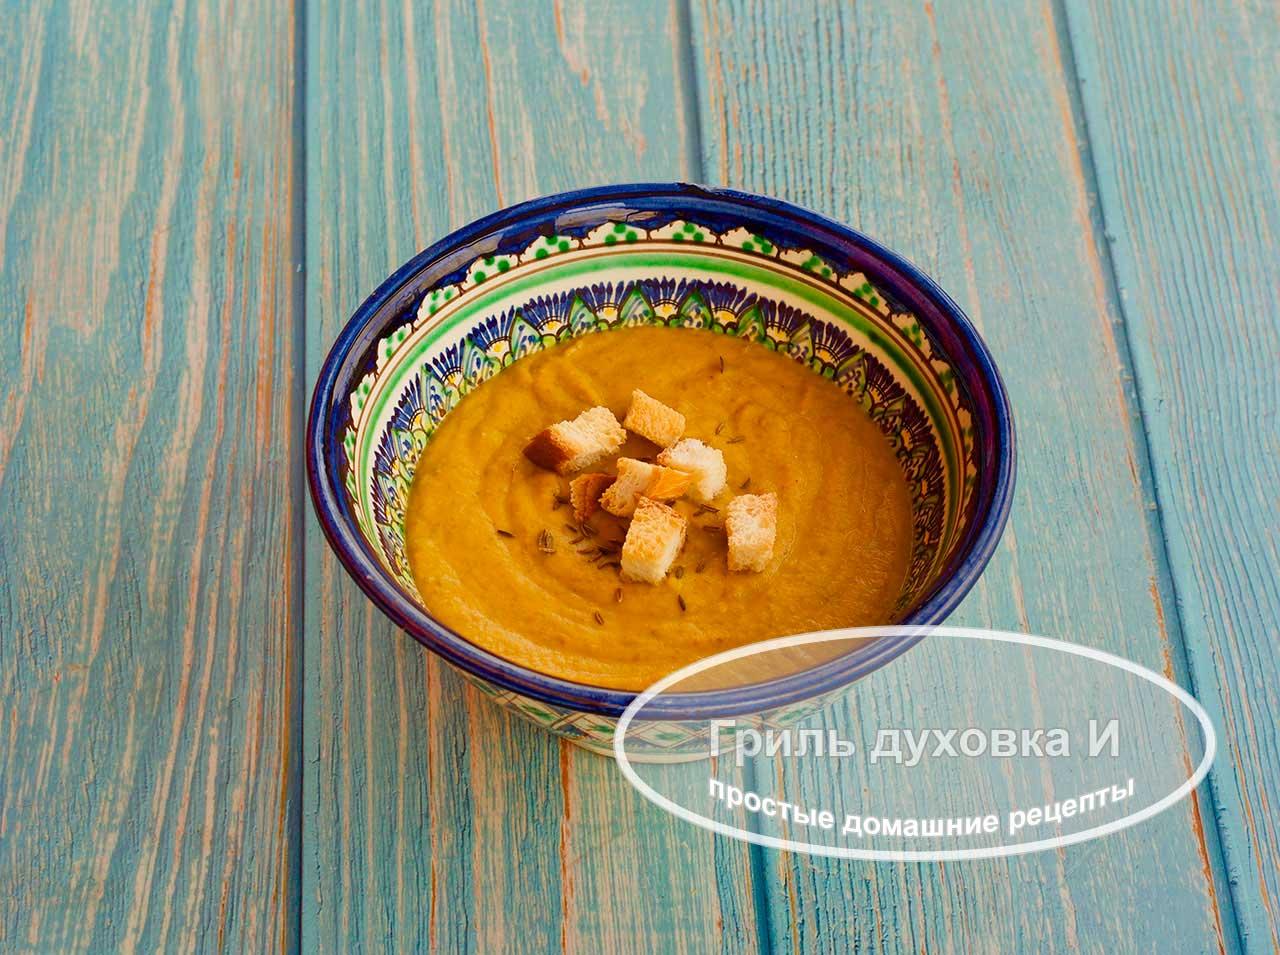 Суп пюре из чечевицы и моркови.